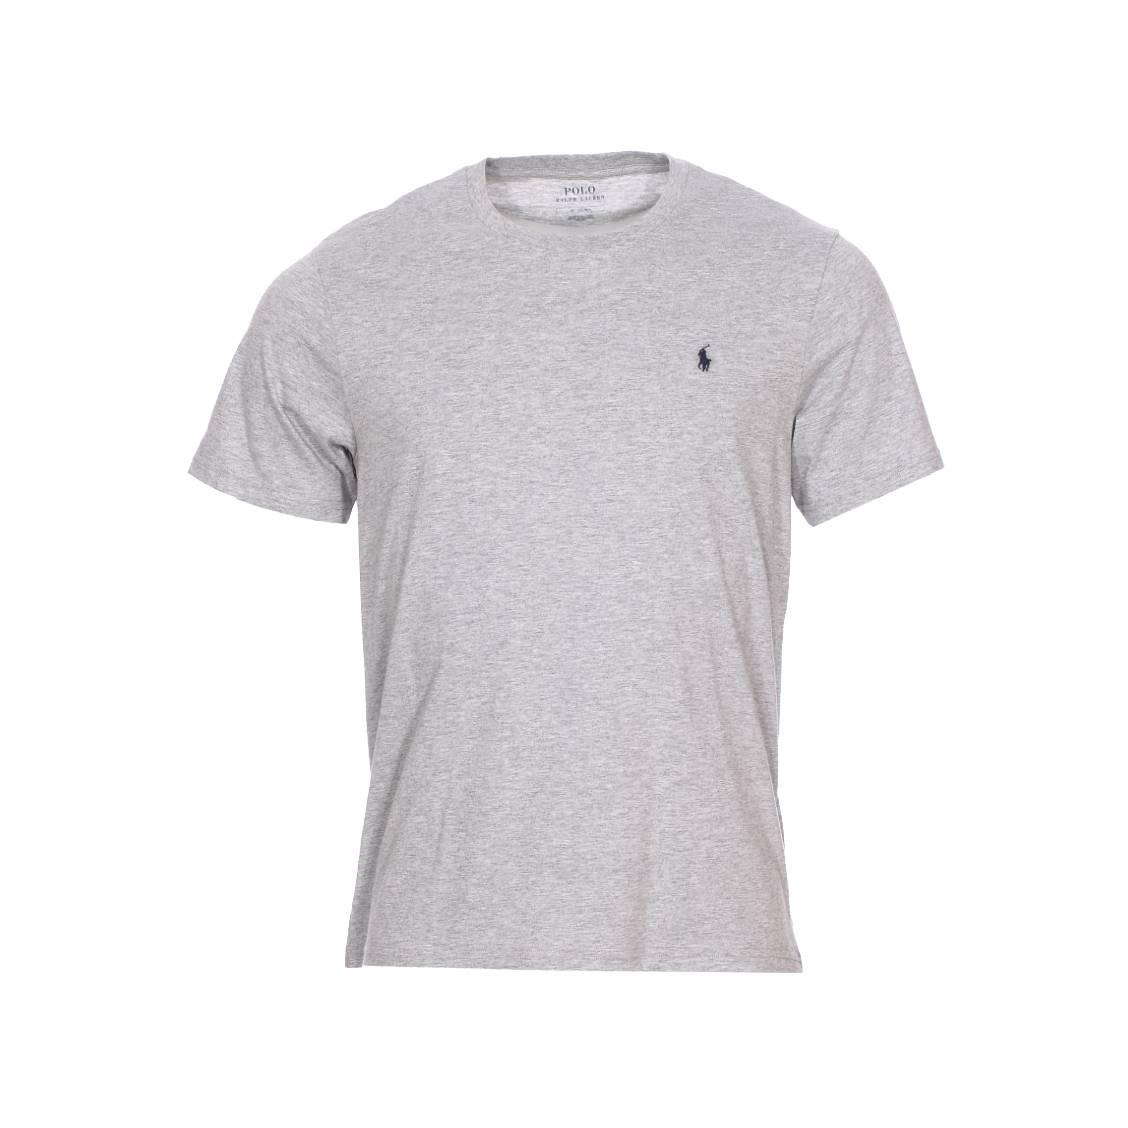 ralph t shirt